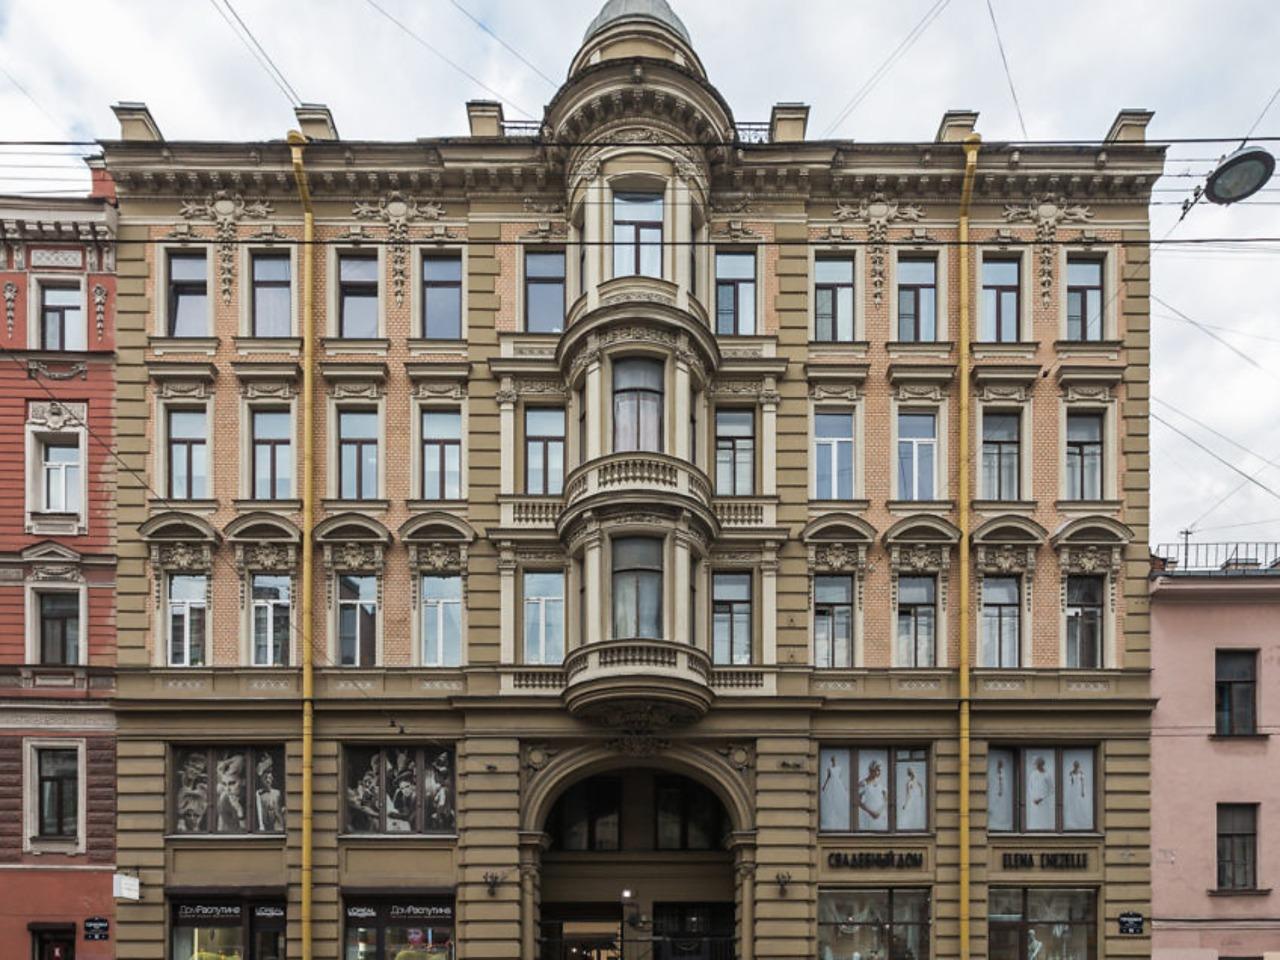 Тайны последней квартиры Распутина - групповая экскурсия по Санкт-Петербургу от опытного гида